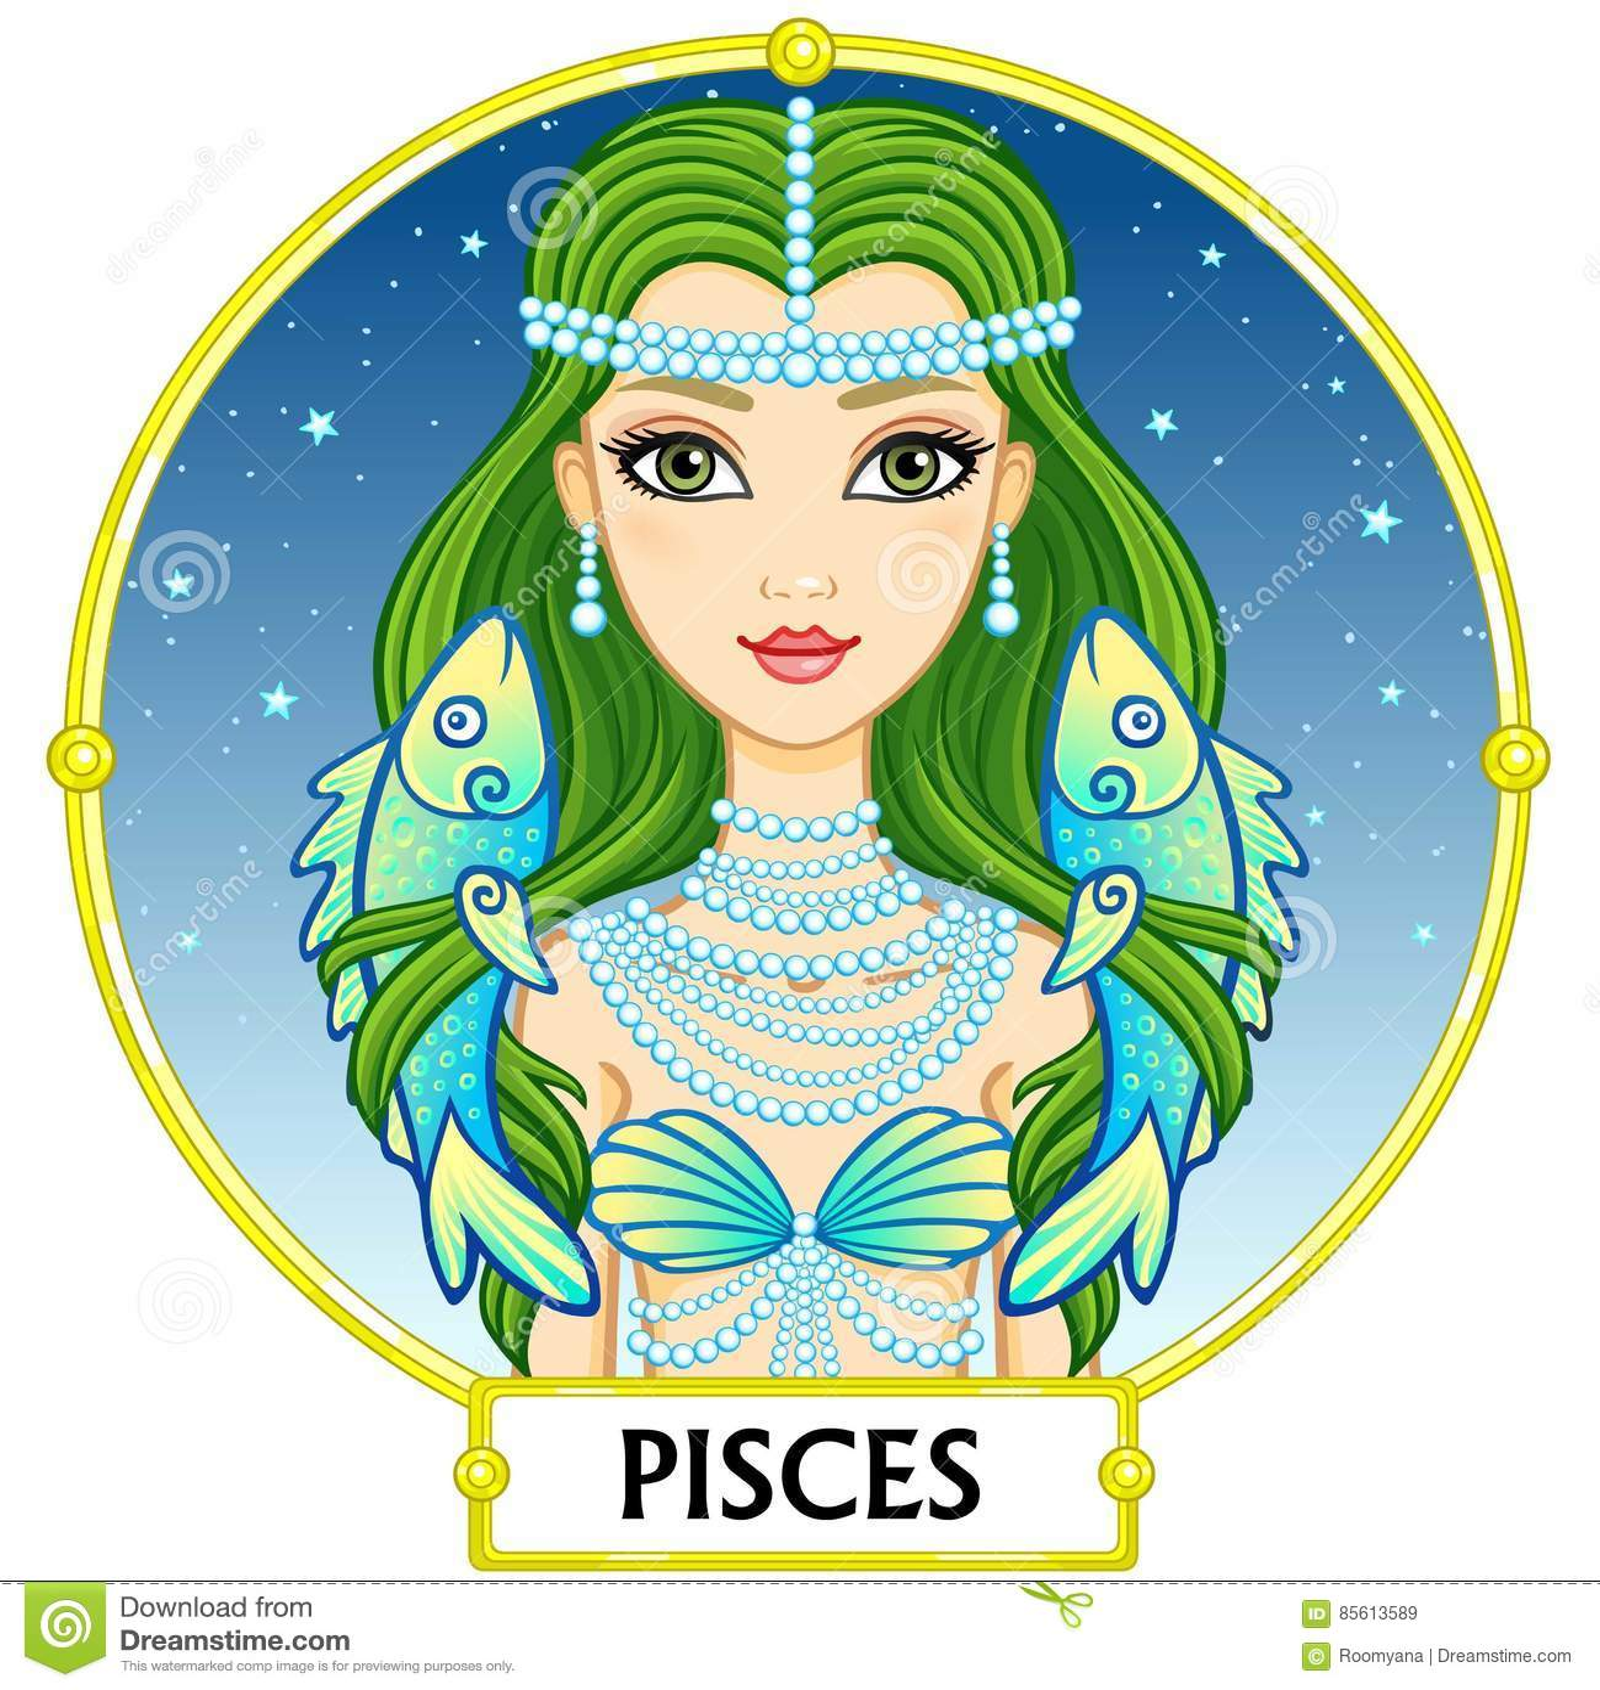 Zodiac Sign Pisces Cartoon Vector